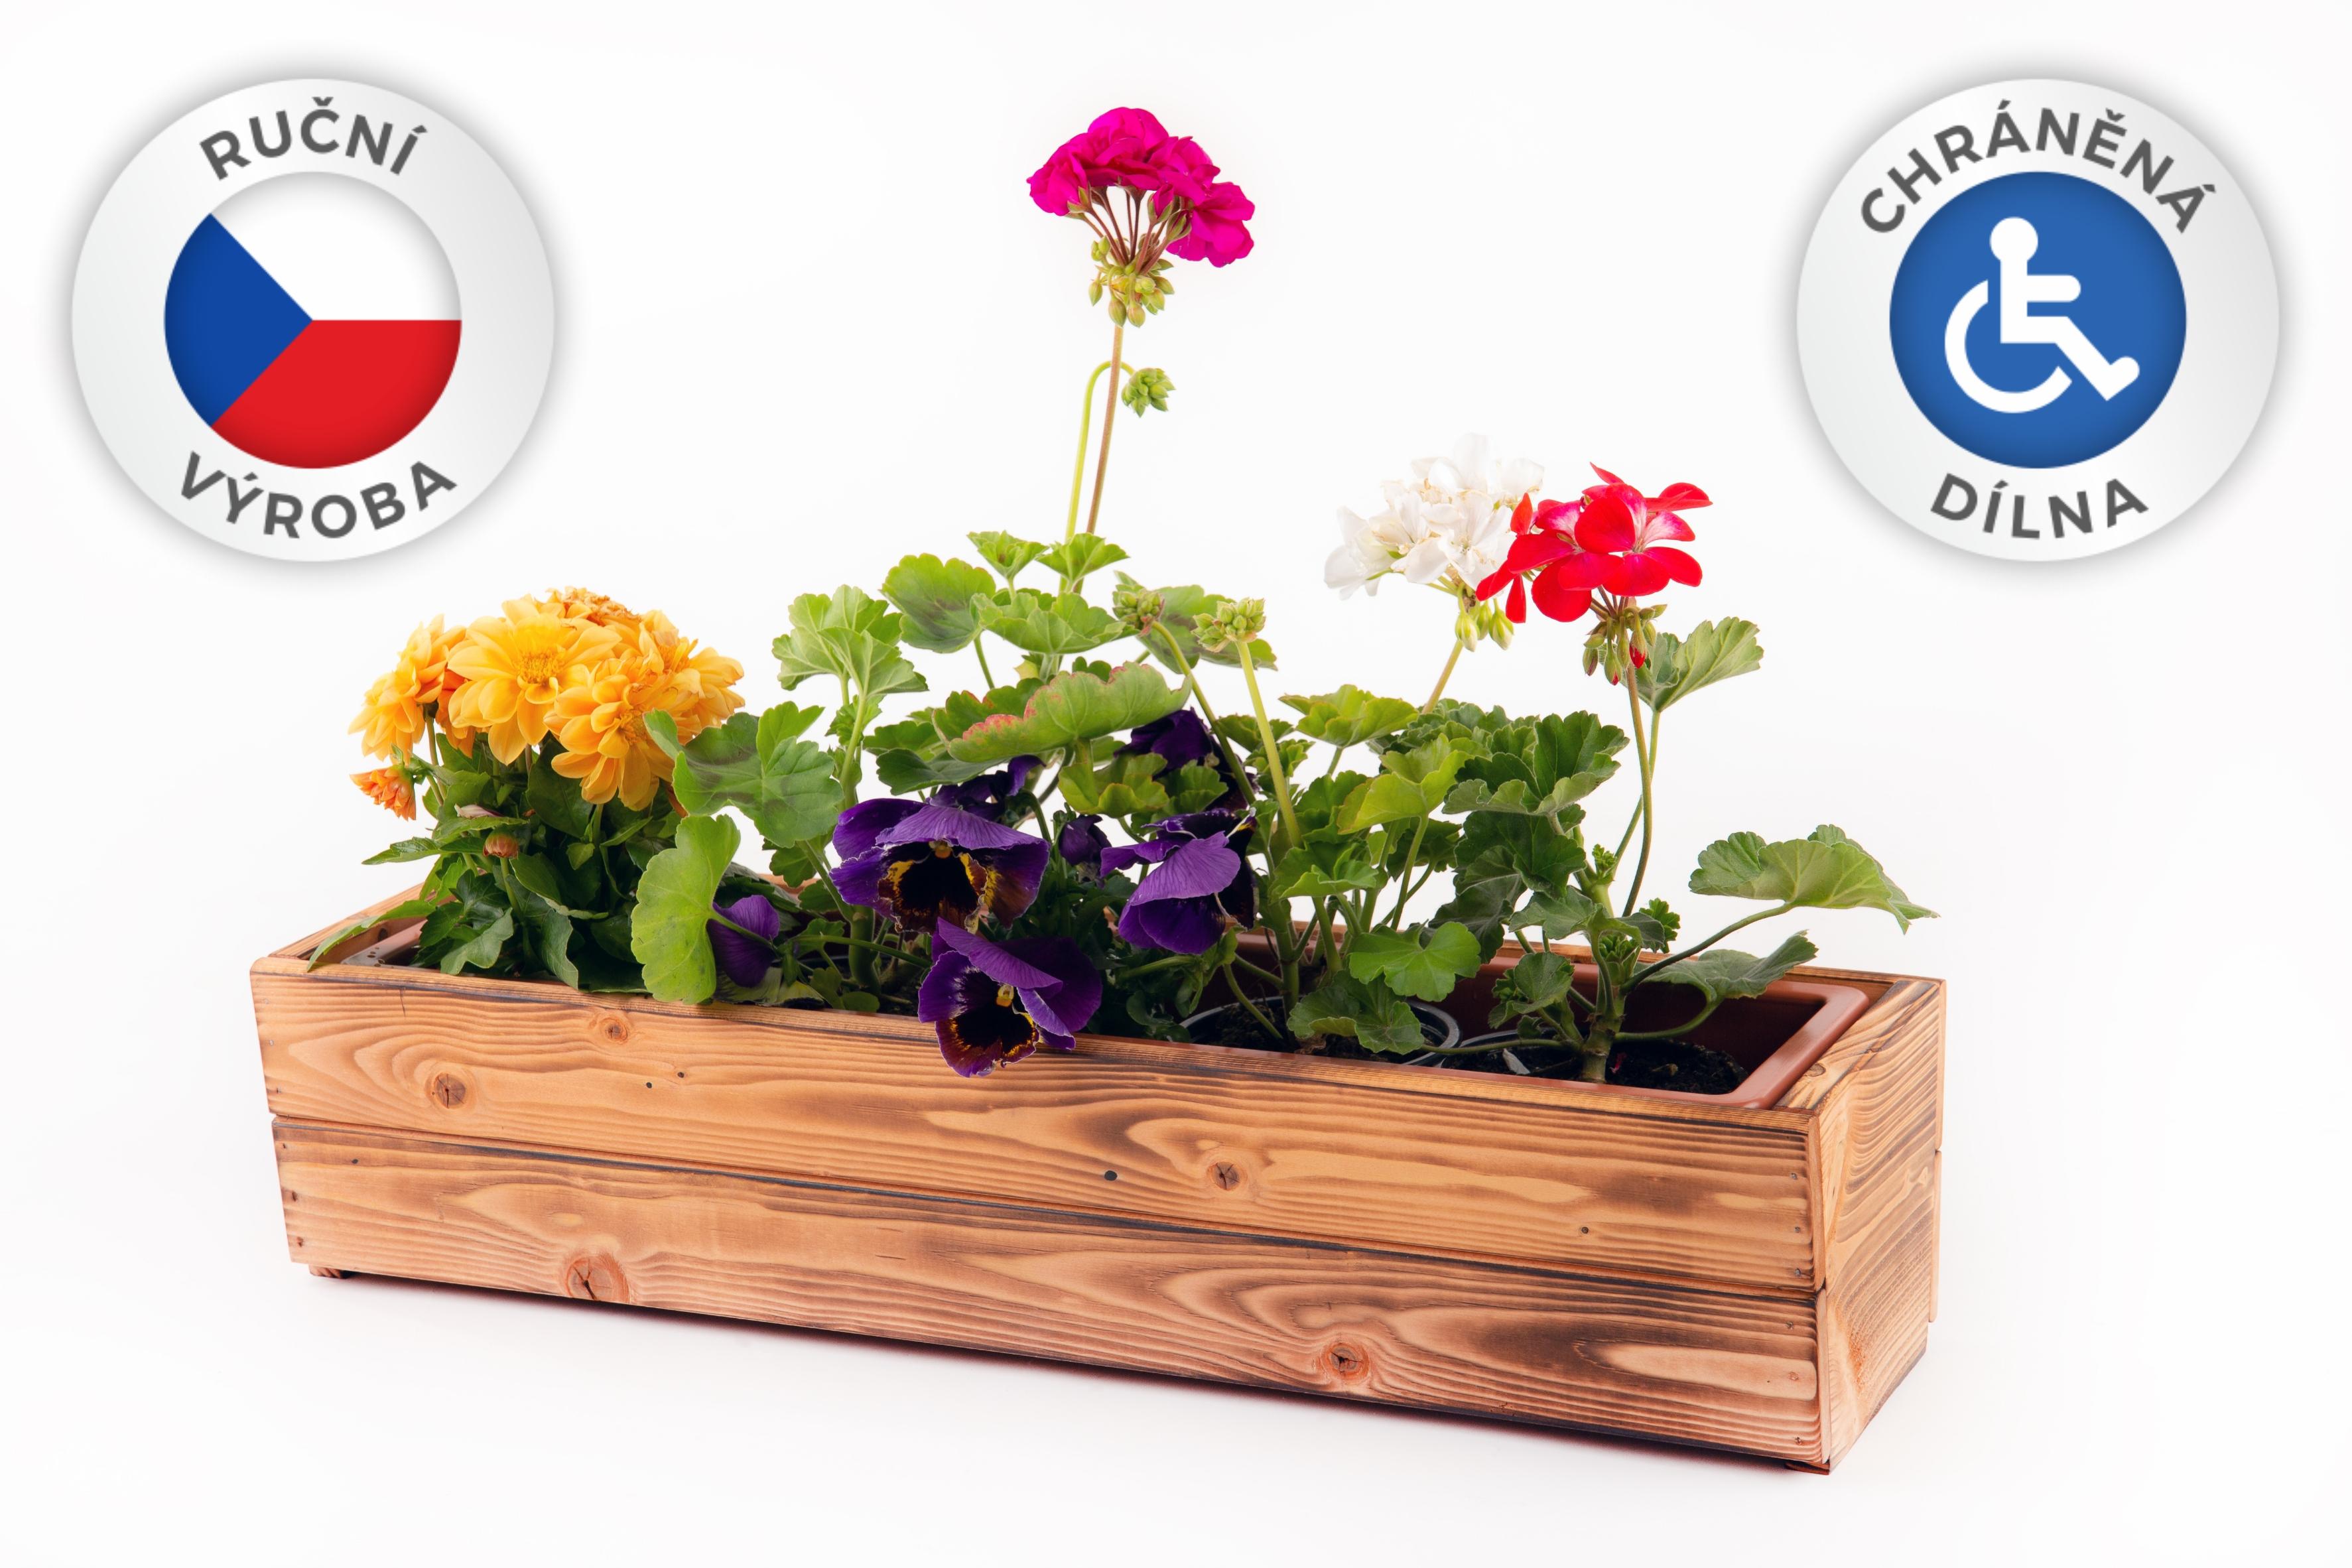 Samozavlažovací dřevěné truhlíky z naší chráněné dílny